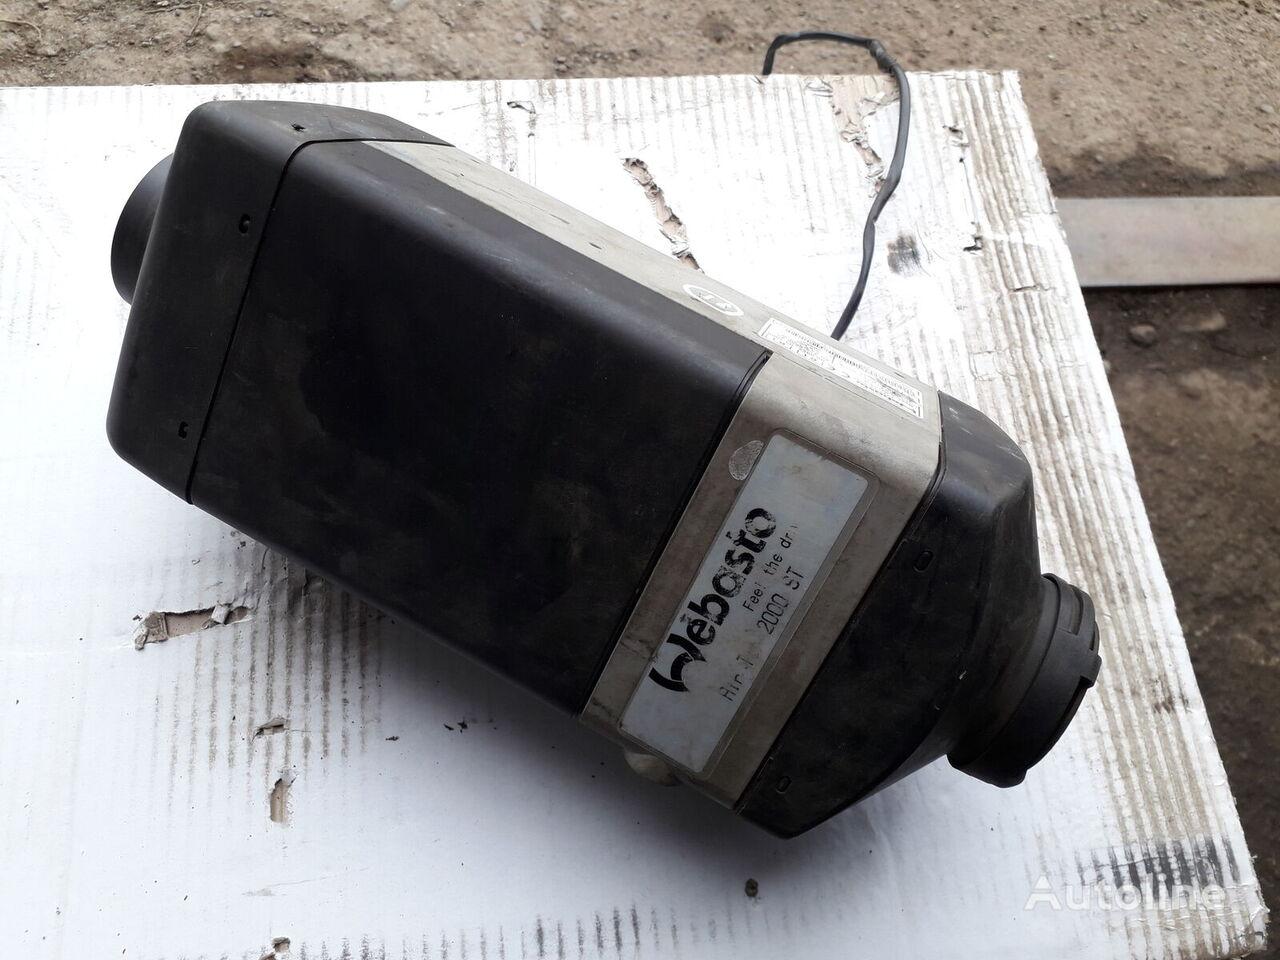 автономный обогреватель Webasto 2000 ST 24V (00 0022 03 1085) для тягача MAN TGA